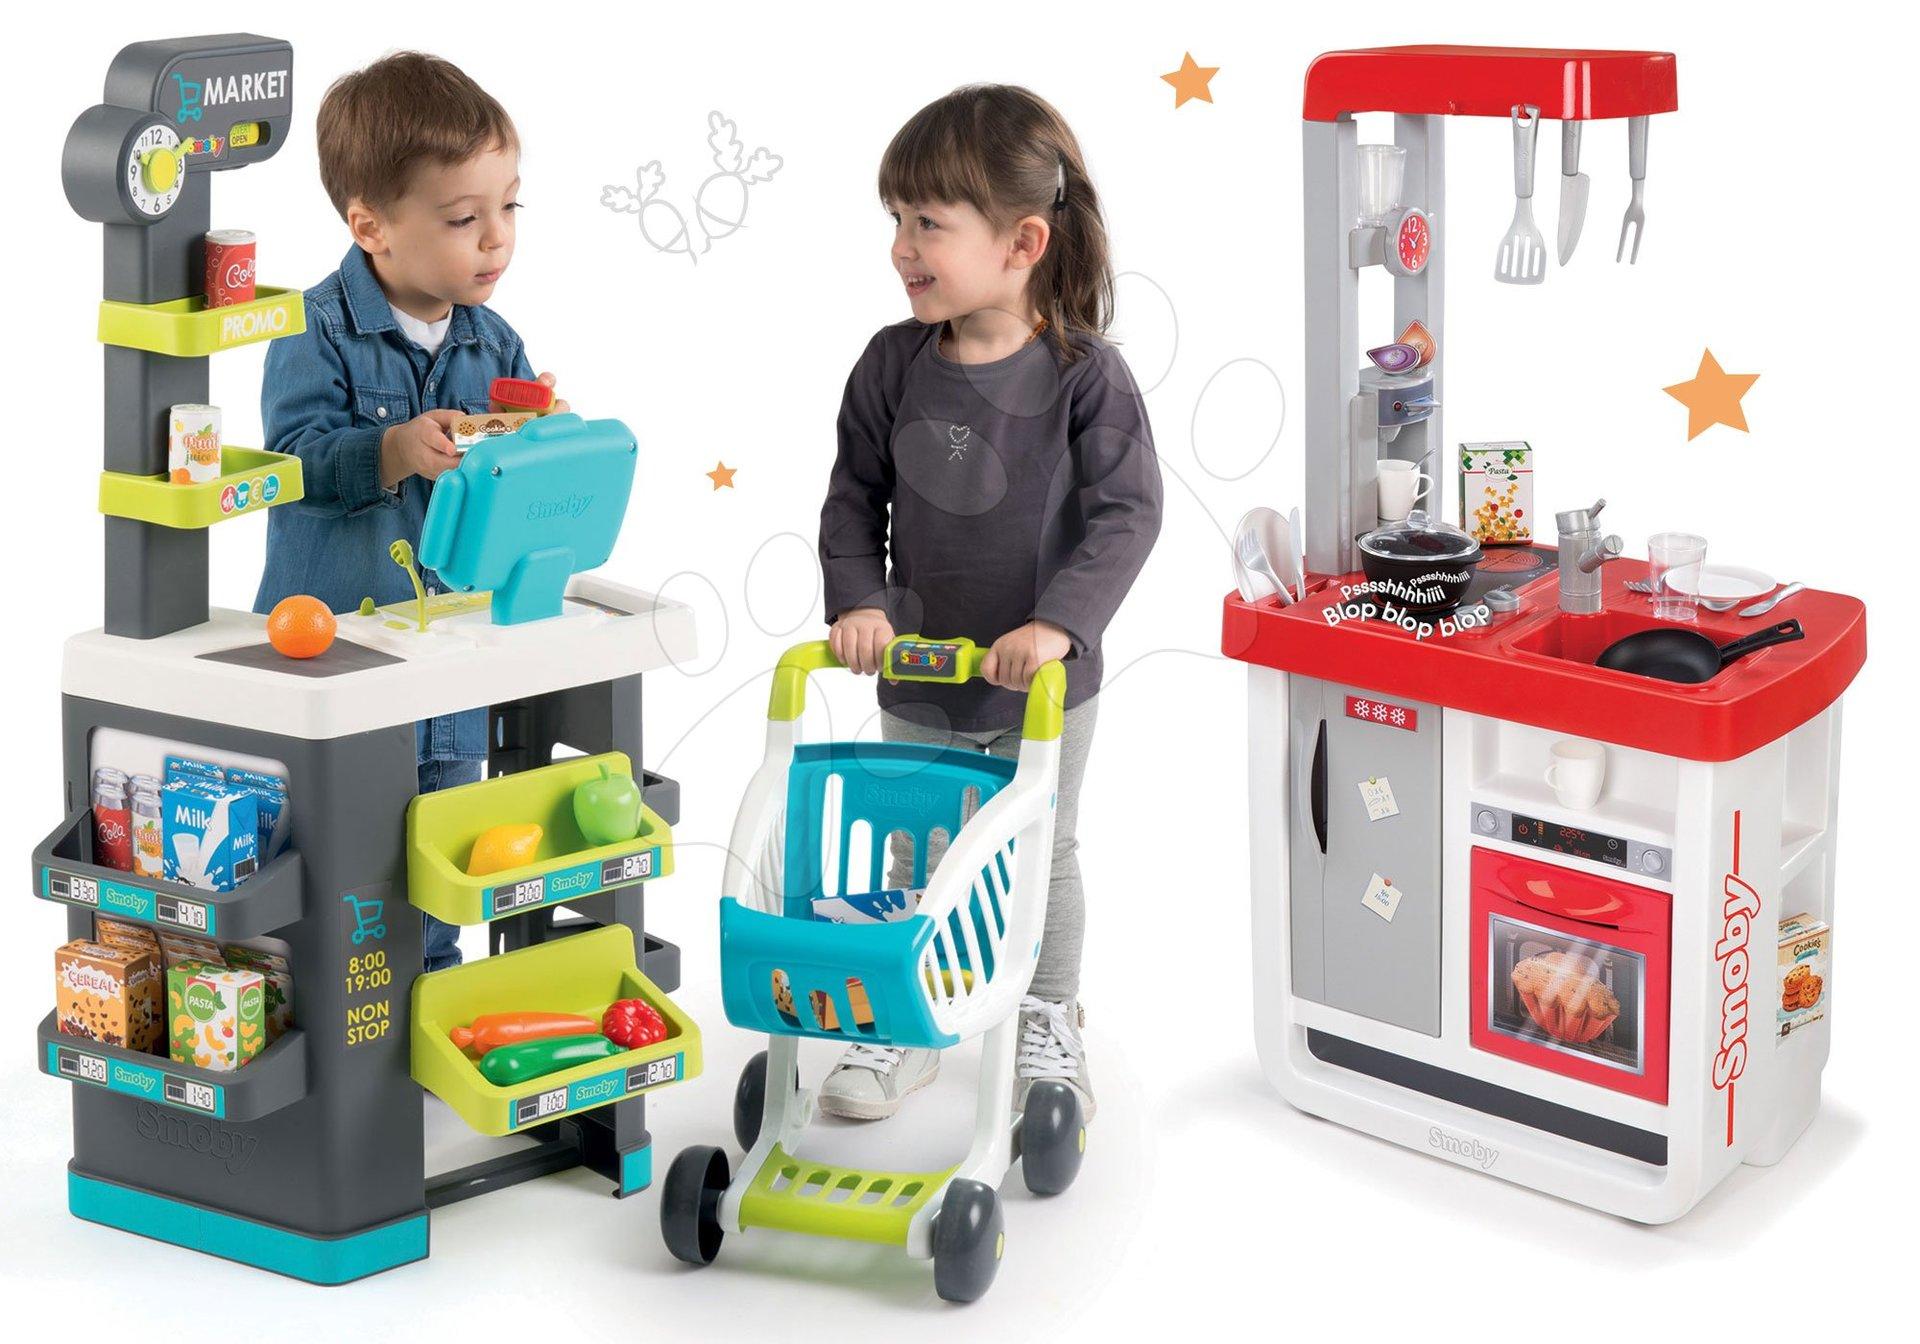 Smoby detský obchod Market a kuchynka Bon Appétit 350212-17